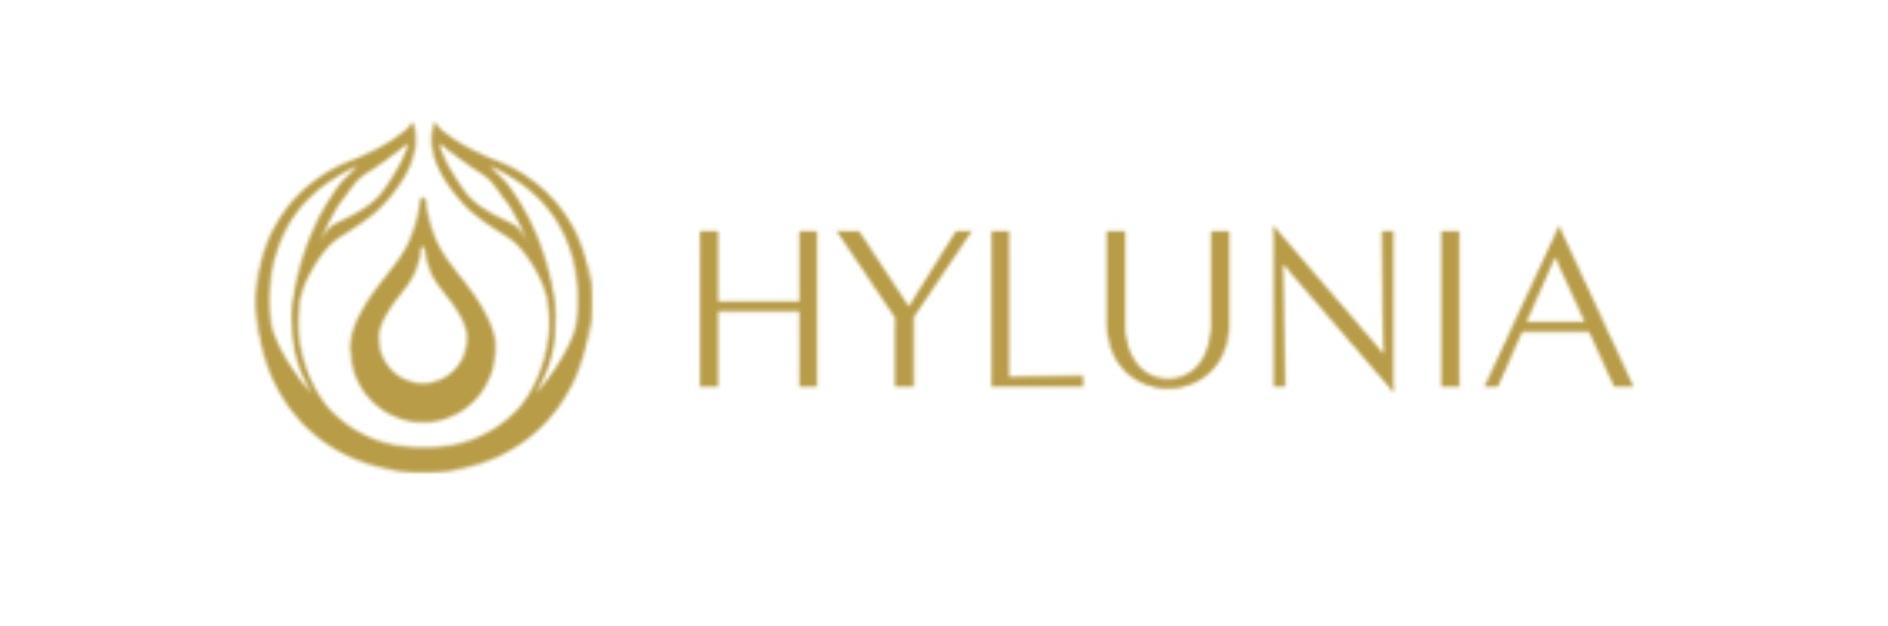 hylunia logo long.jpg